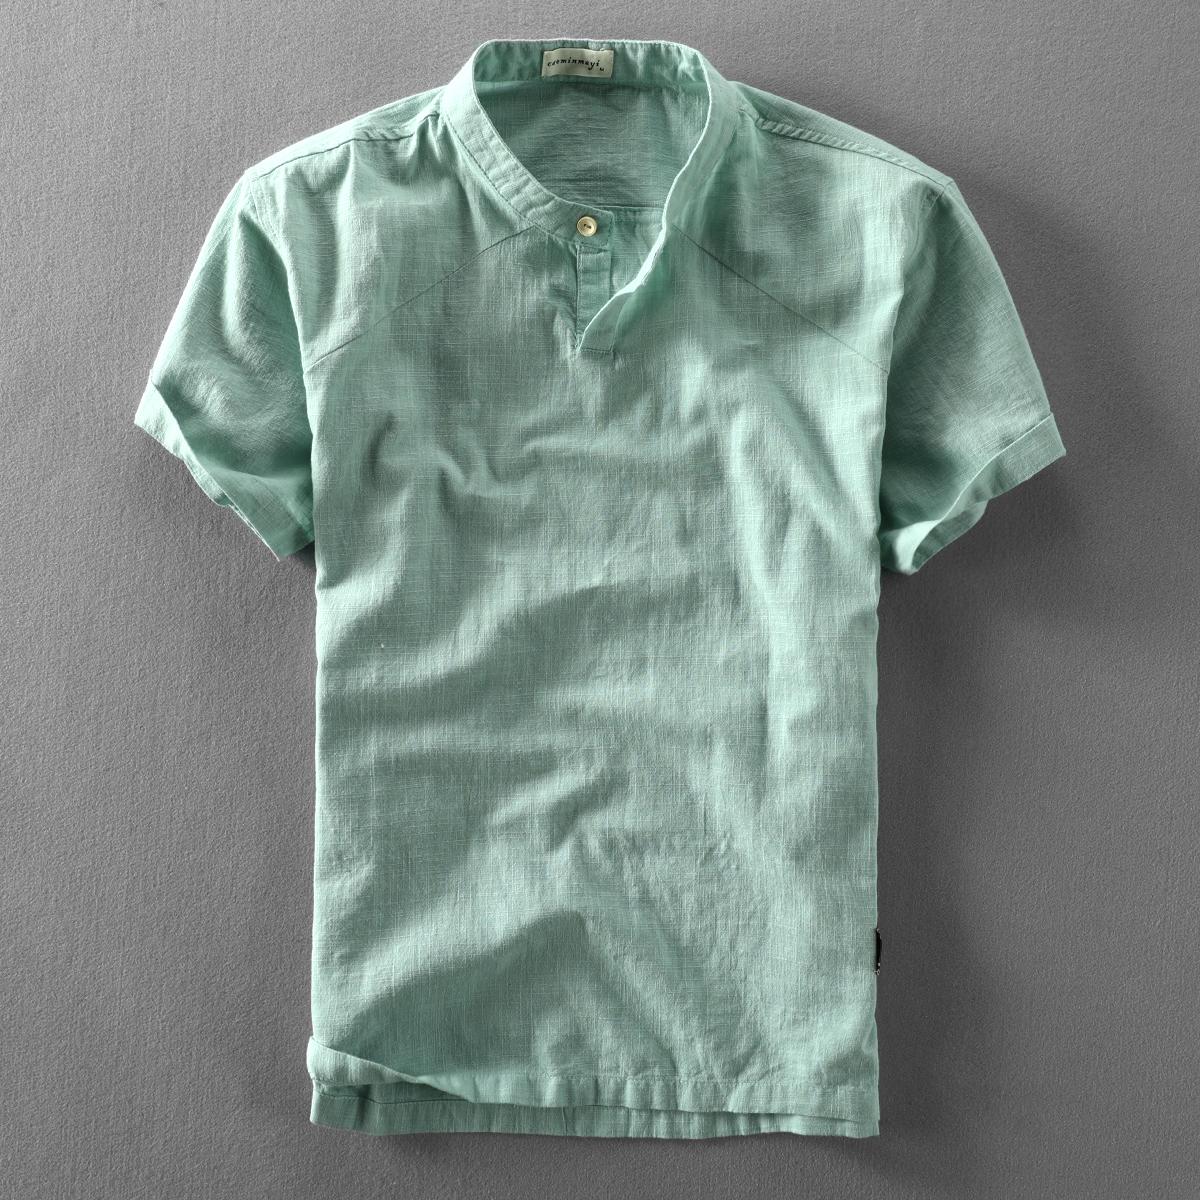 夏季新款男士休闲亚麻短袖衬衫套头立领棉麻布衬衣中国风薄款上衣